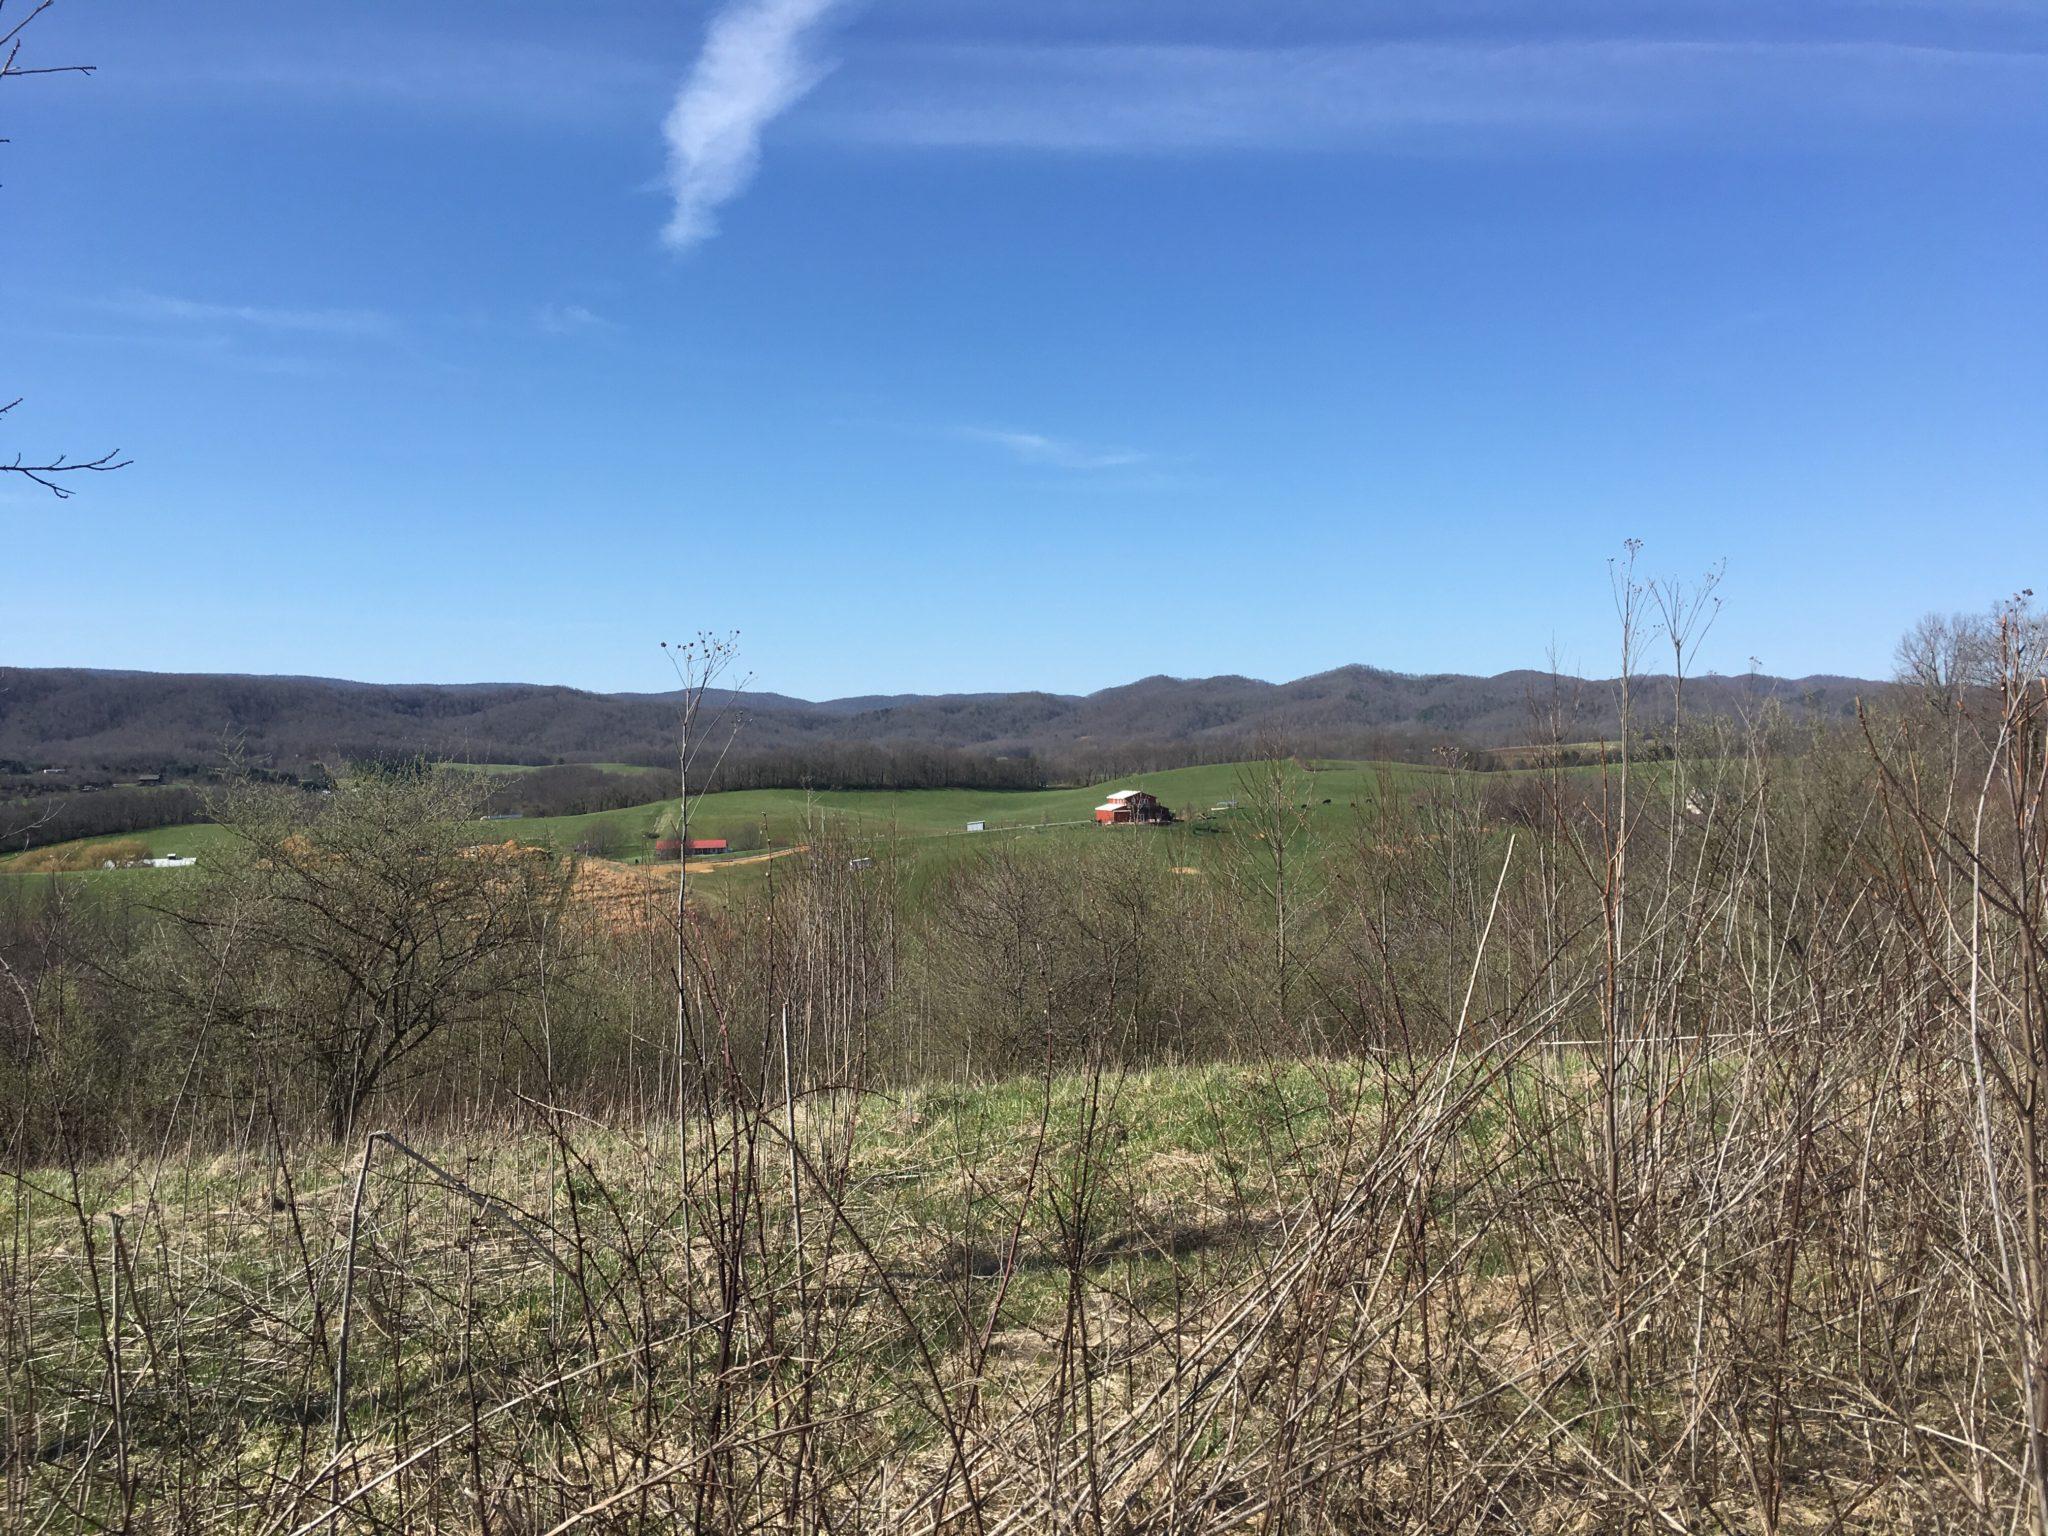 Blue skies over Virginia